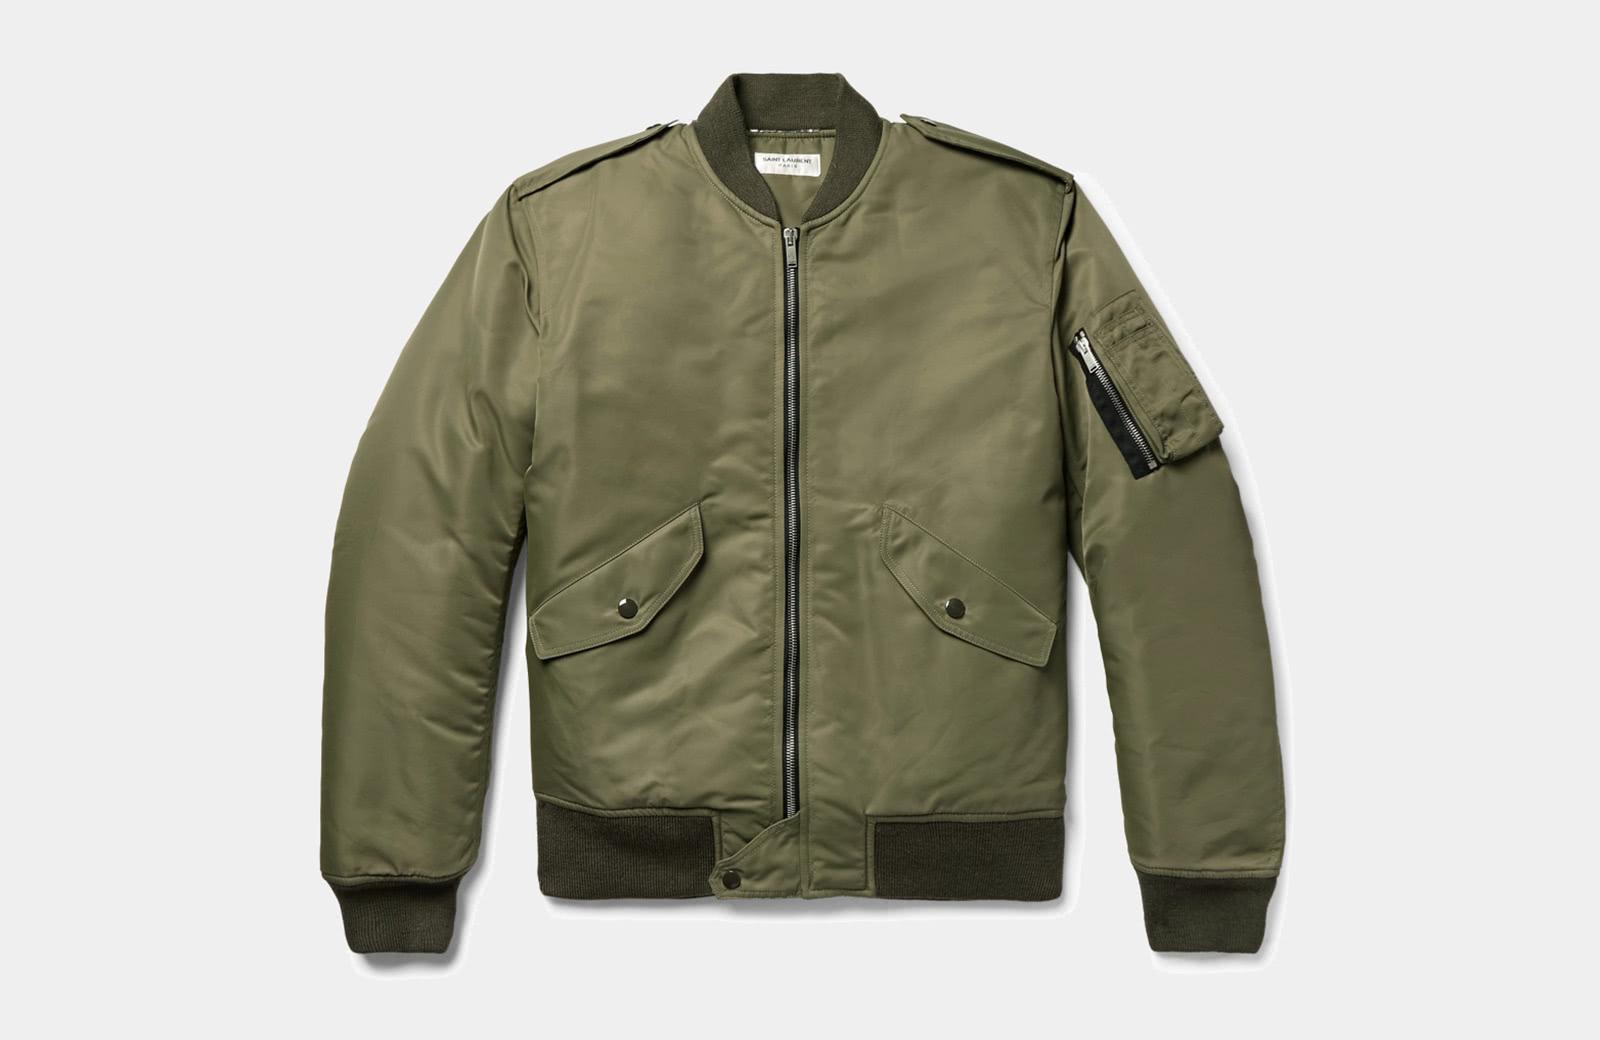 best green bomber jacket men Saint Laurent luxury style - Luxe Digital